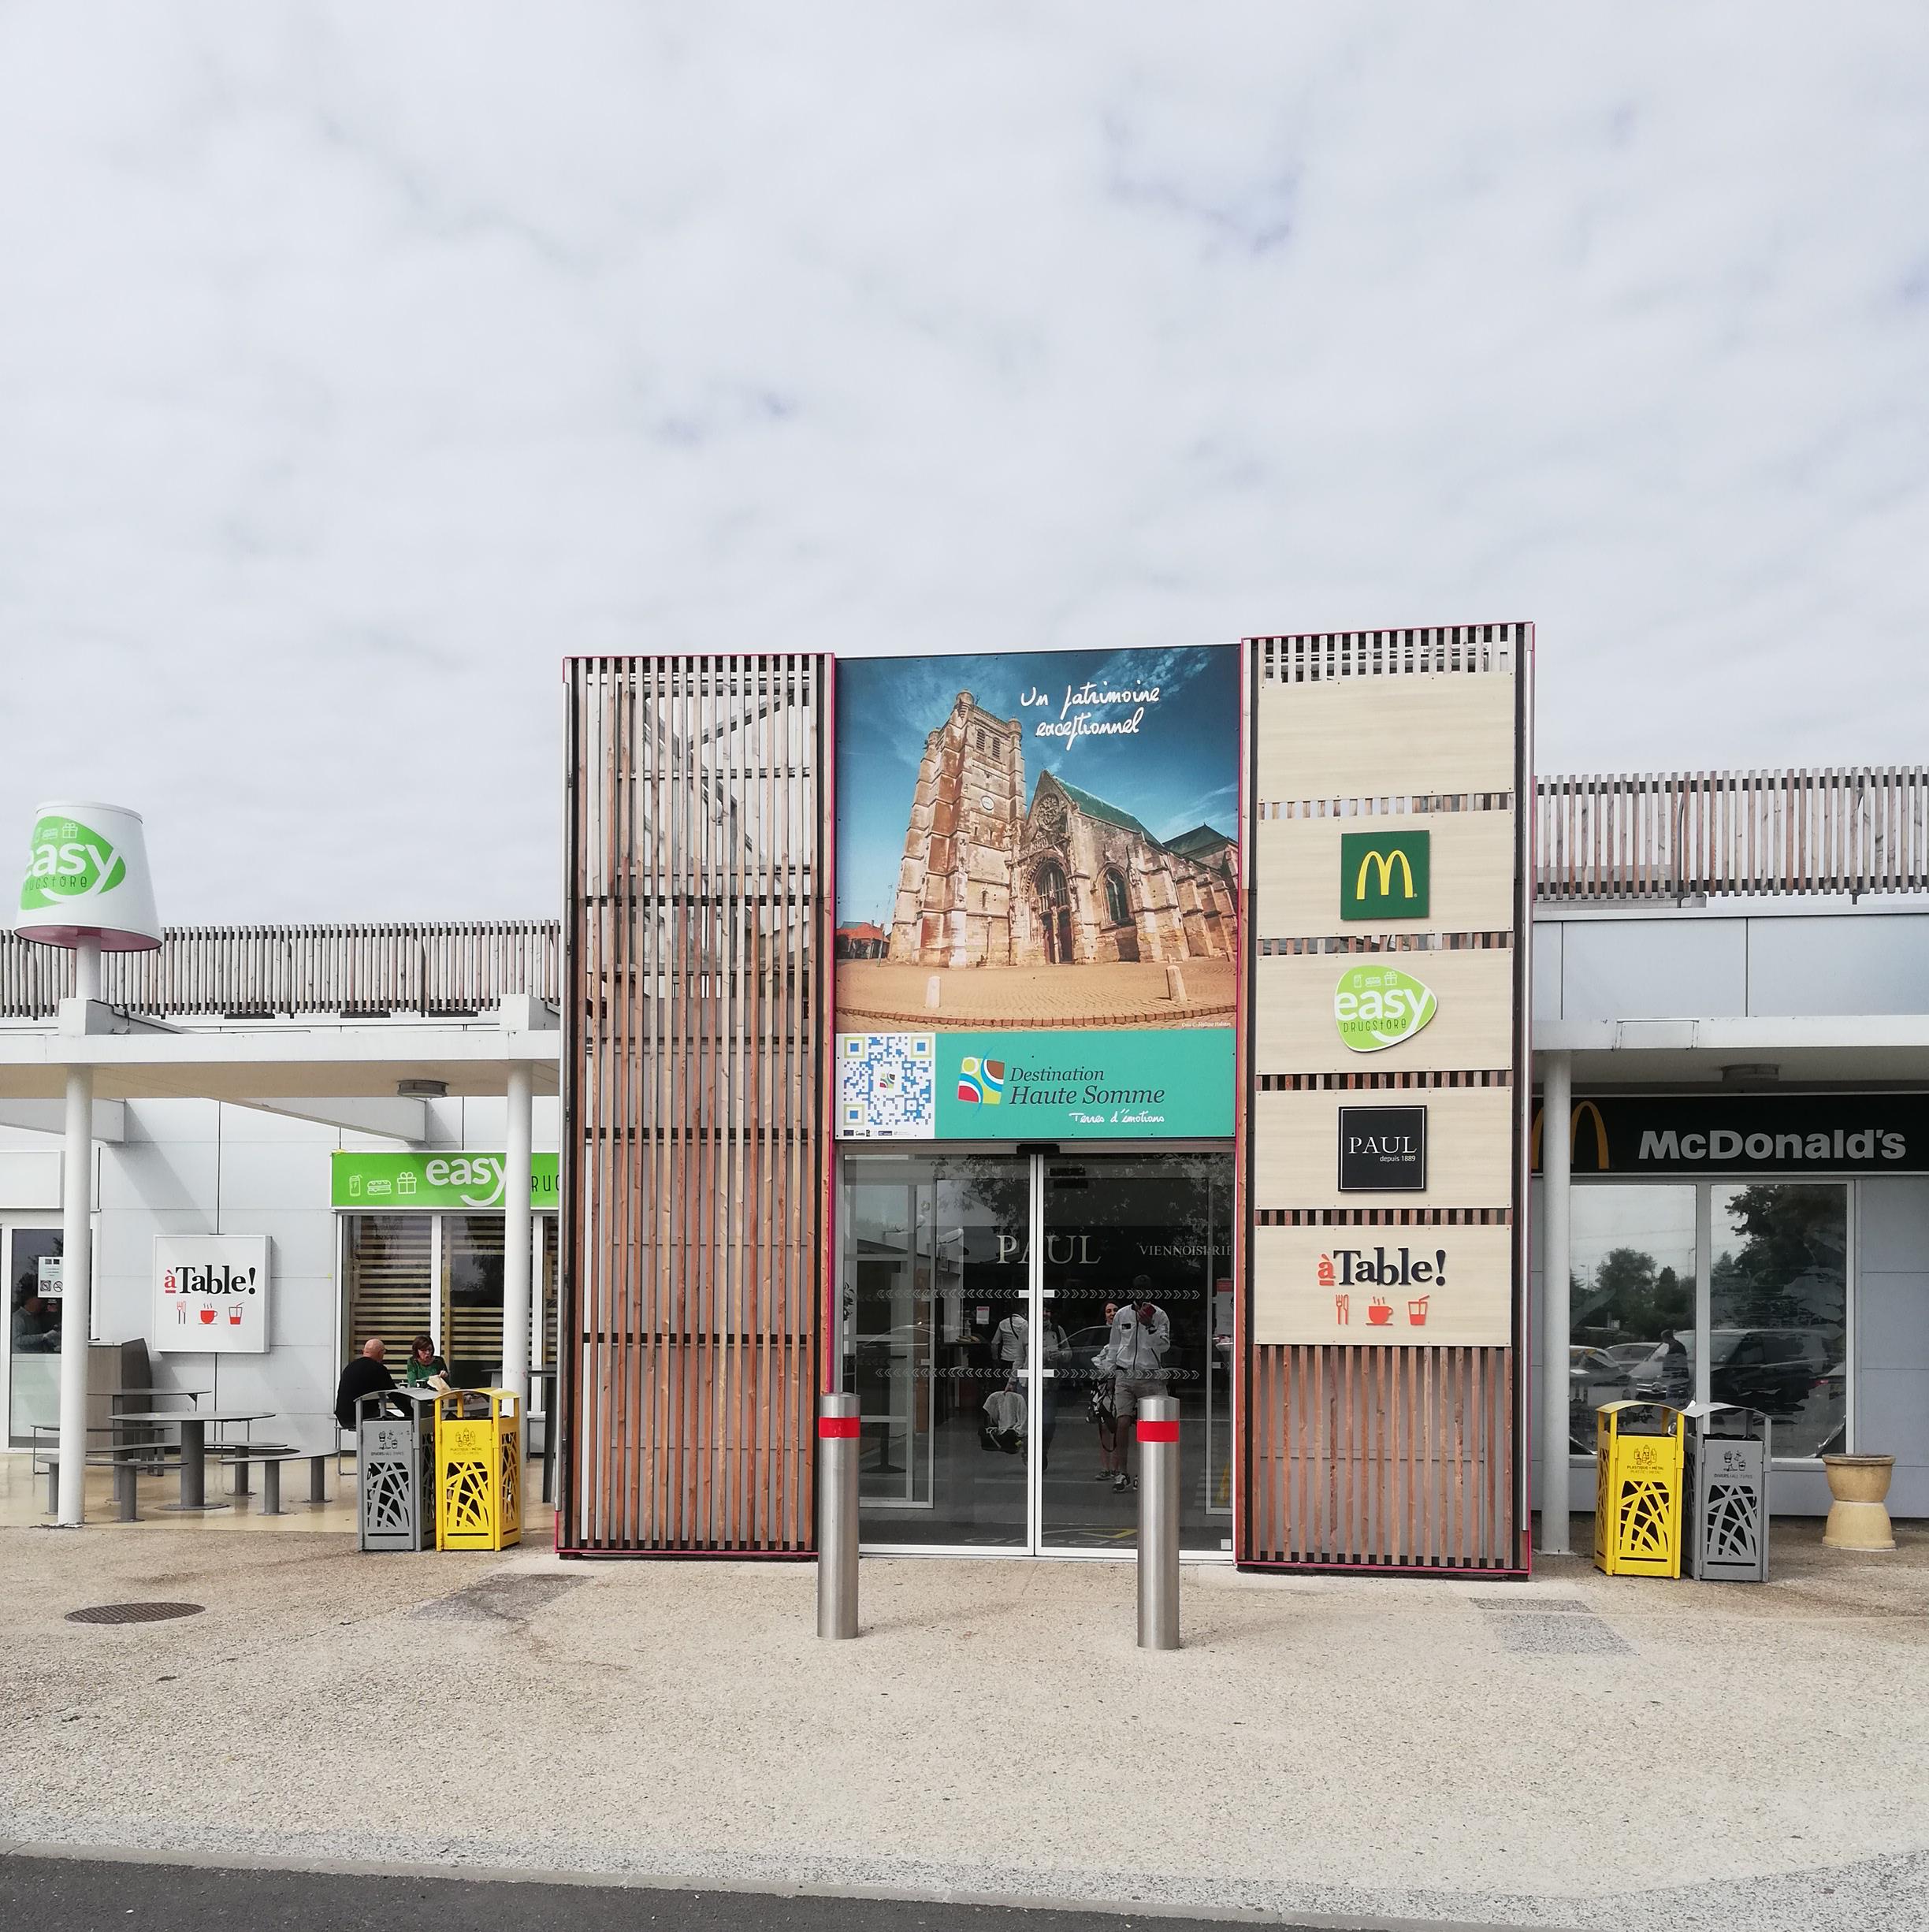 Porte aire d'autoroute Cœur des Hauts-de-France